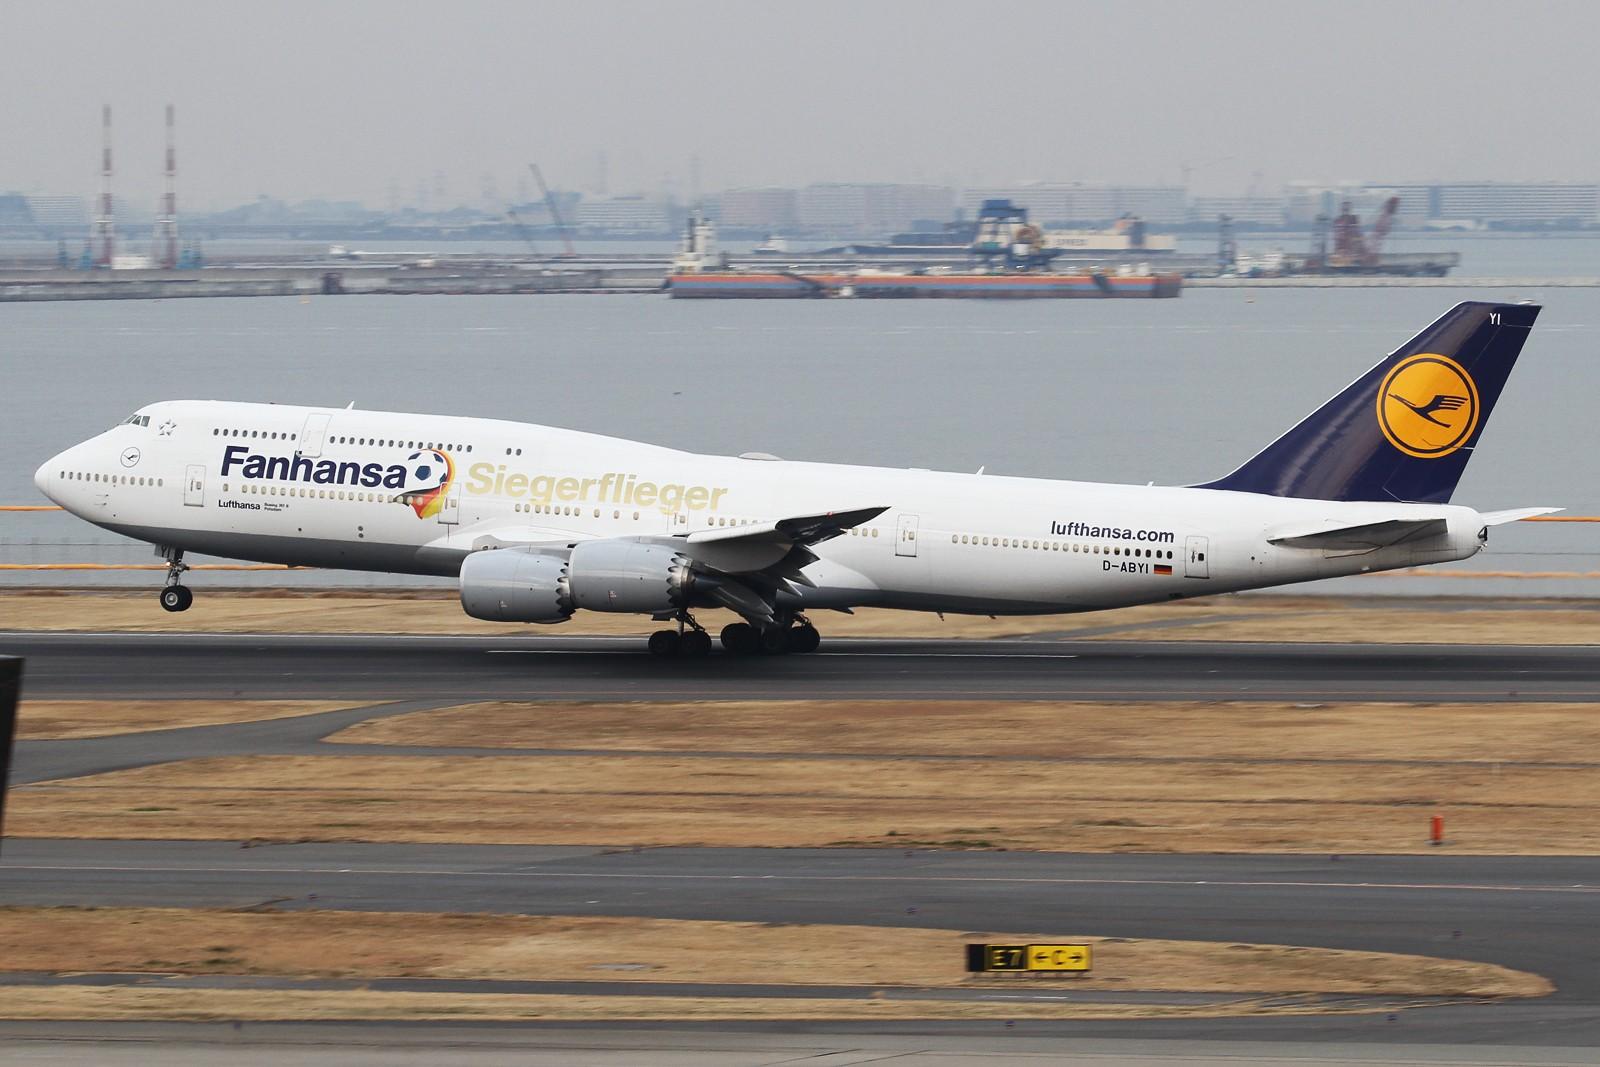 一月小夹��yi)�i_收获目前仅存的fanhansa彩绘 boeing 747-8i d-abyi 日本东京羽田国际